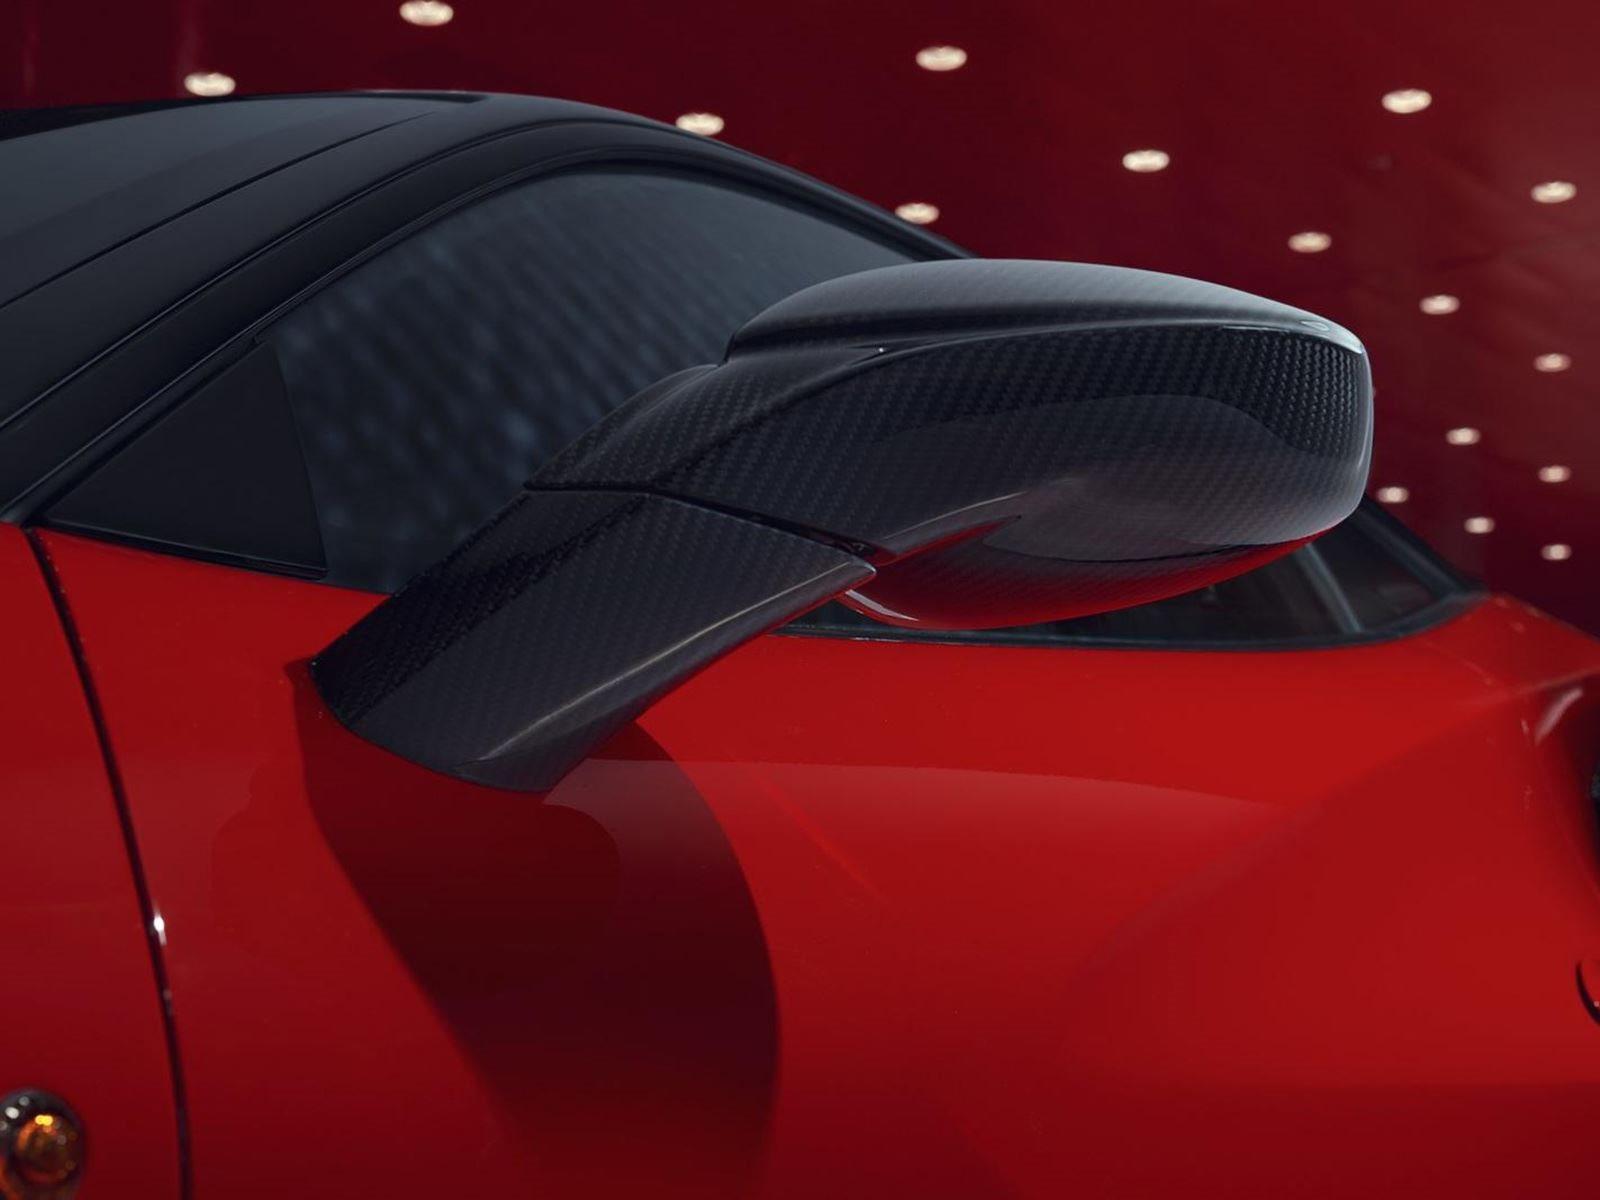 На мероприятии Top Marques Monaco тюнинг-ателье Pogea Racing представило свой проект для 488 GTB, который называется 488 FPlus Corsa, с множеством модификаций, которые делают его еще более мощным, чем мощнейший Pista.